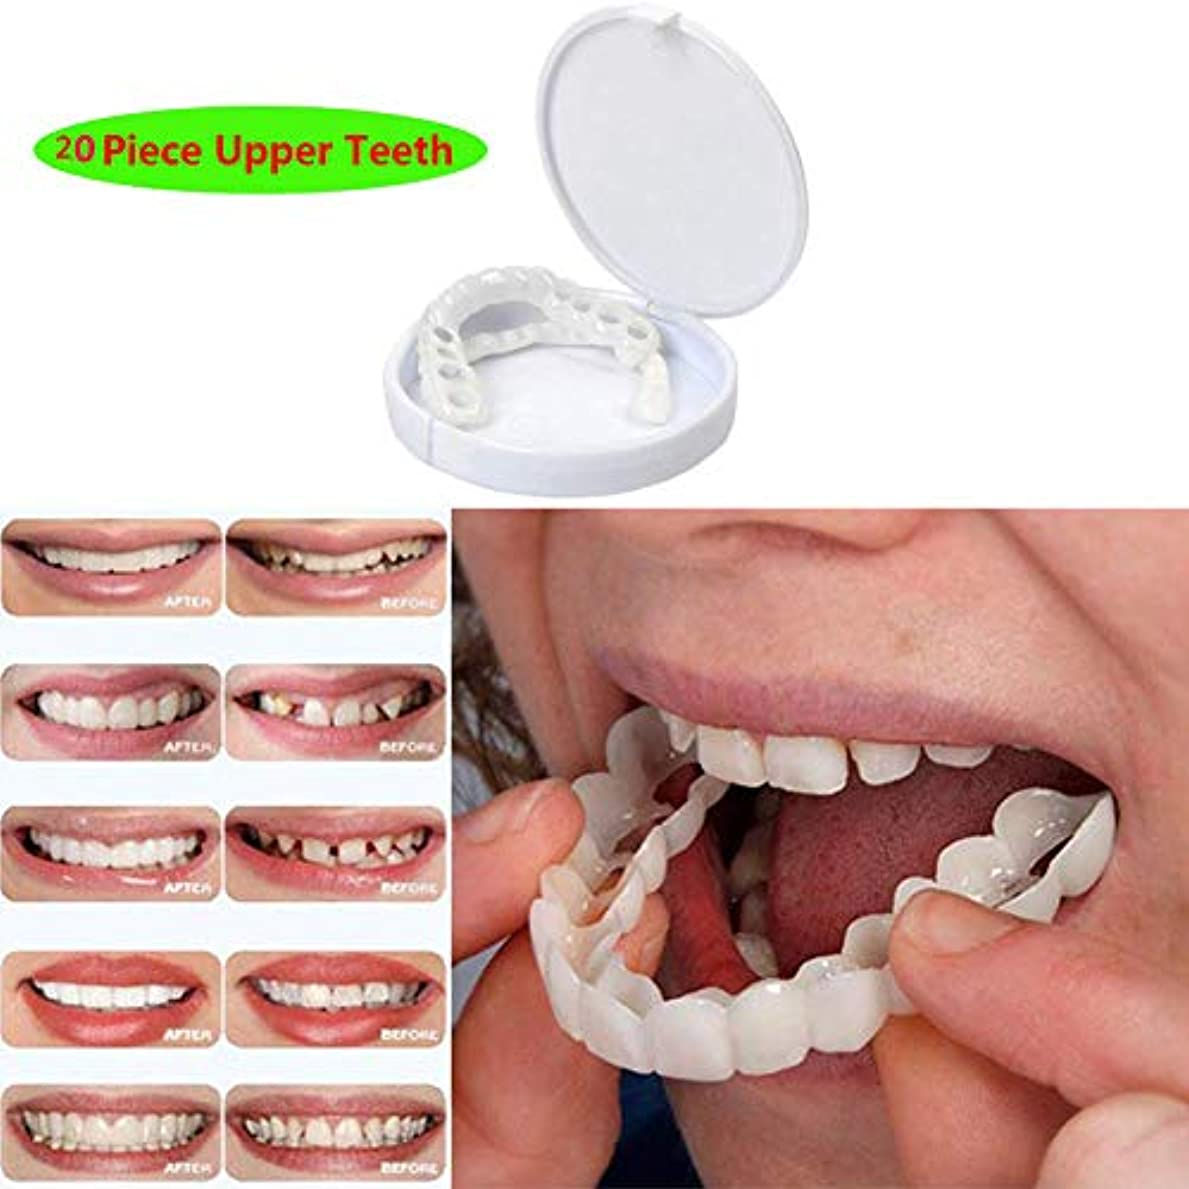 シーサイド父方のリサイクルする20Pcs一時的な化粧品の歯の義歯の化粧品は白くなることを模倣した上括弧を模倣しました